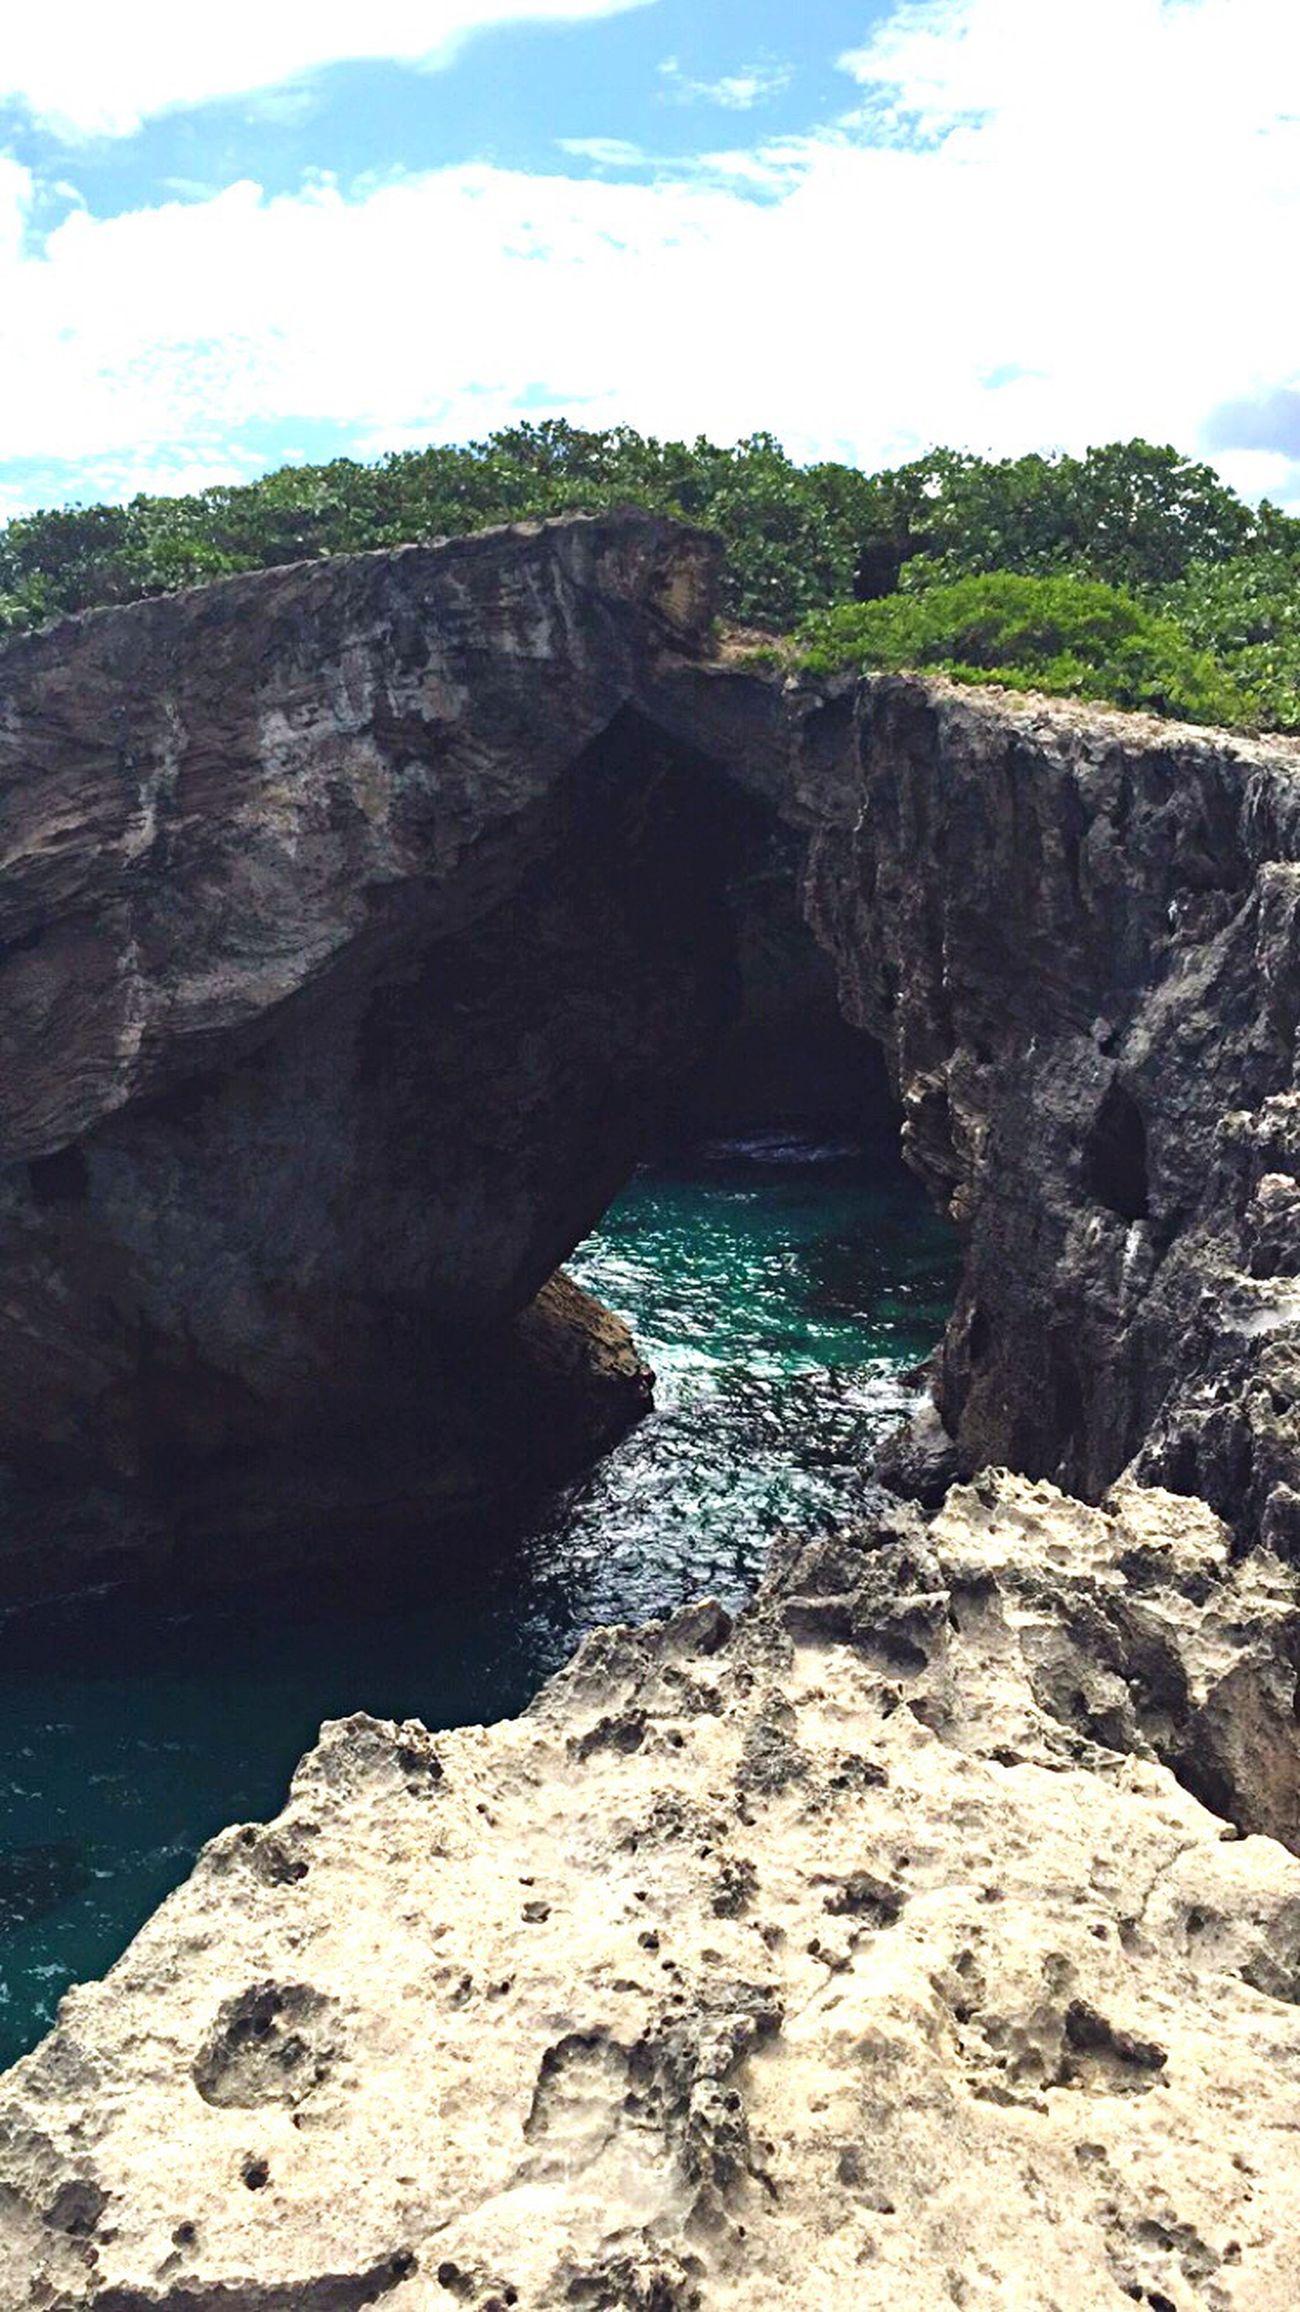 La Cueva Del Indio Cueva Del Indio Puertorro  Puerto Rico 100X35 Cueva Playa Cielo Azul Cielo Arco